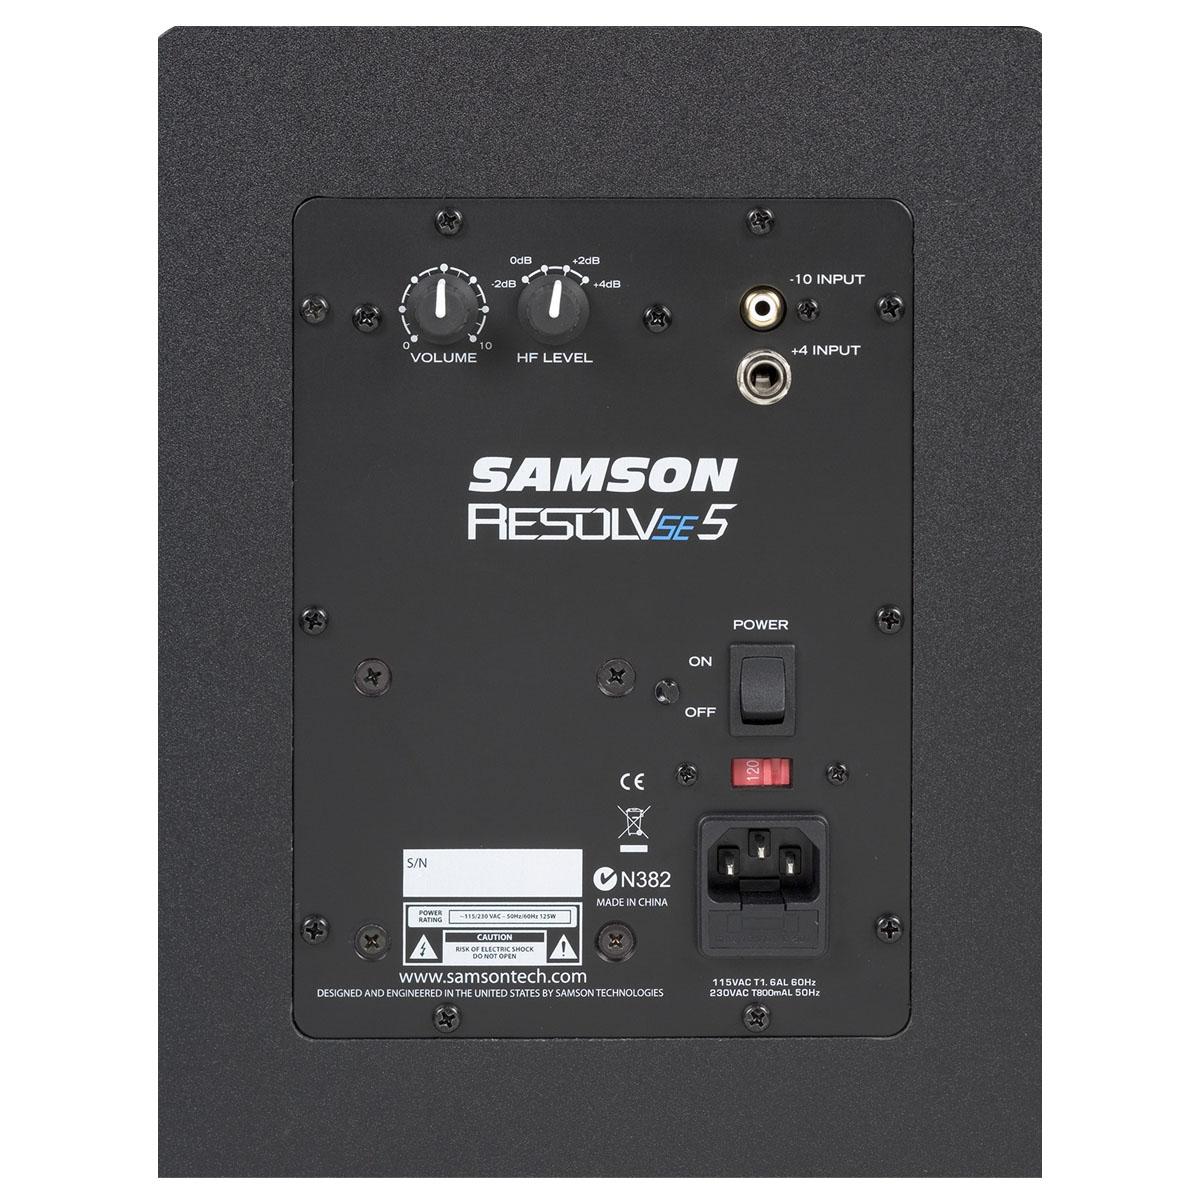 Monitor ativo de Referencia com 70W SAMSON RESOLV 5E5